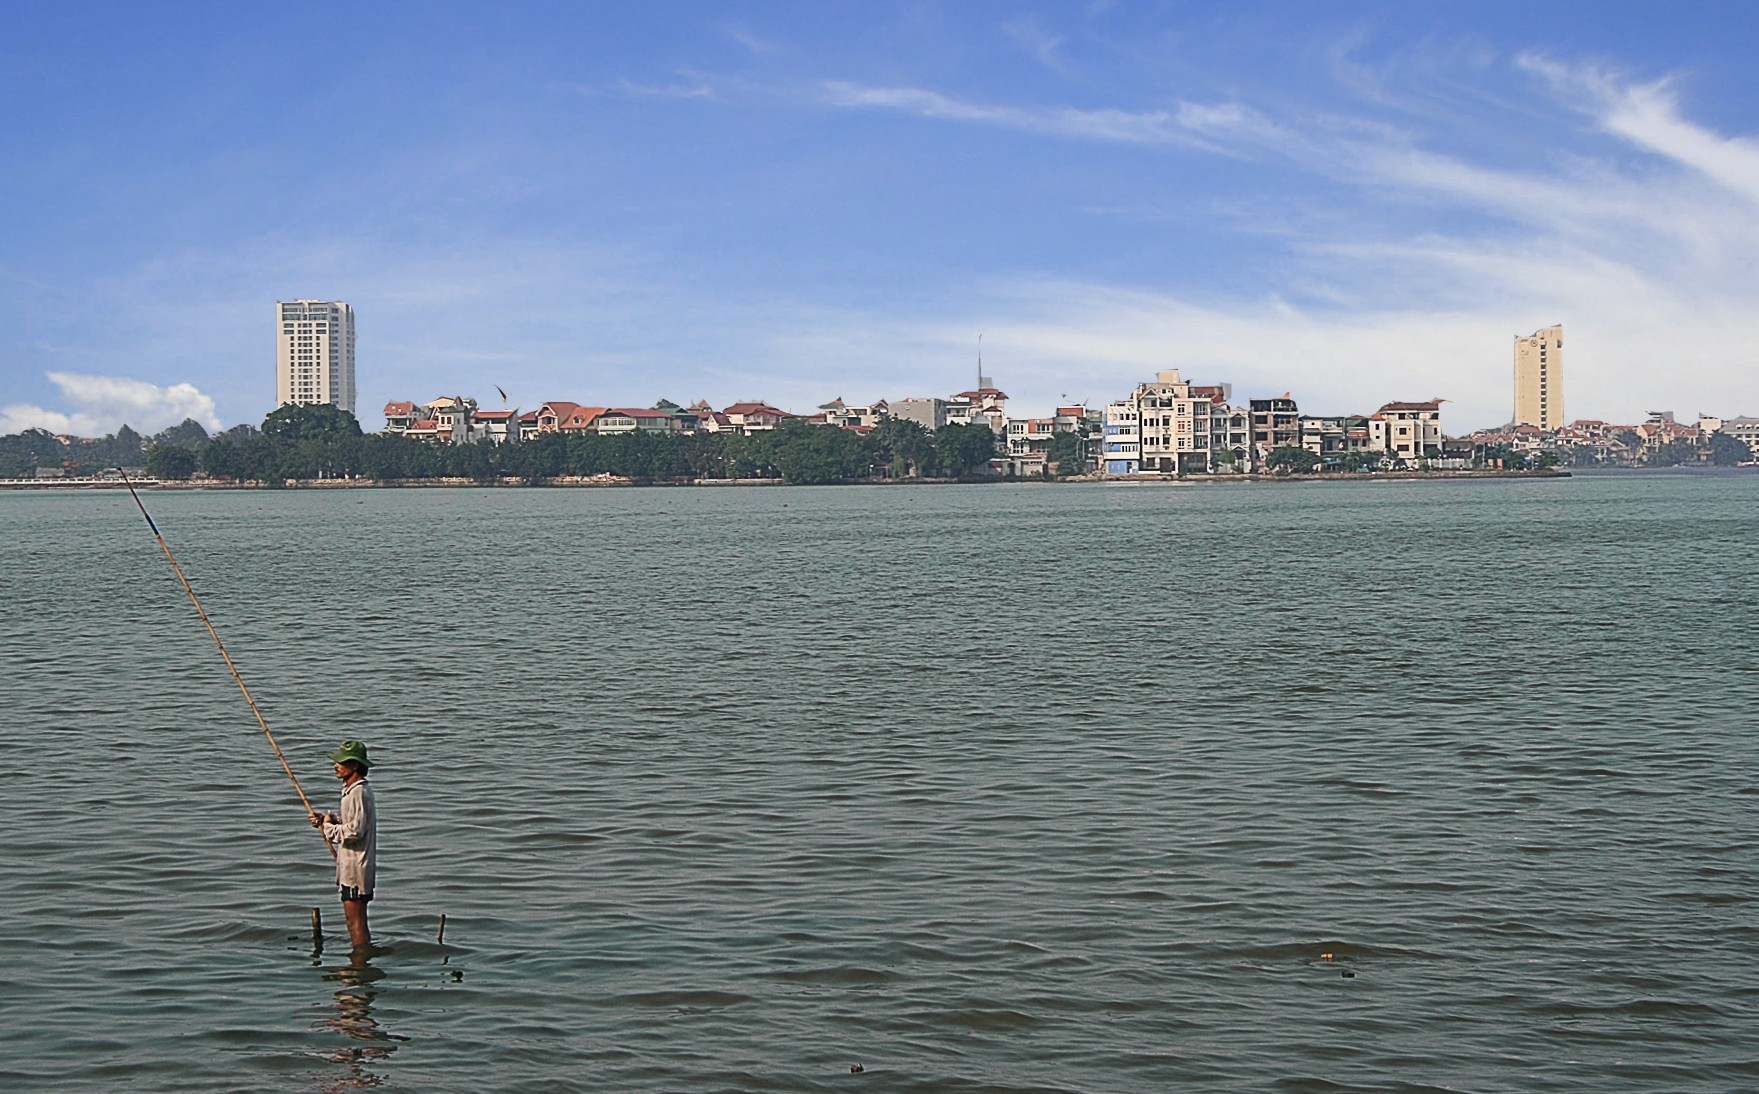 Hình ảnh Hồ Tây Hà Nội